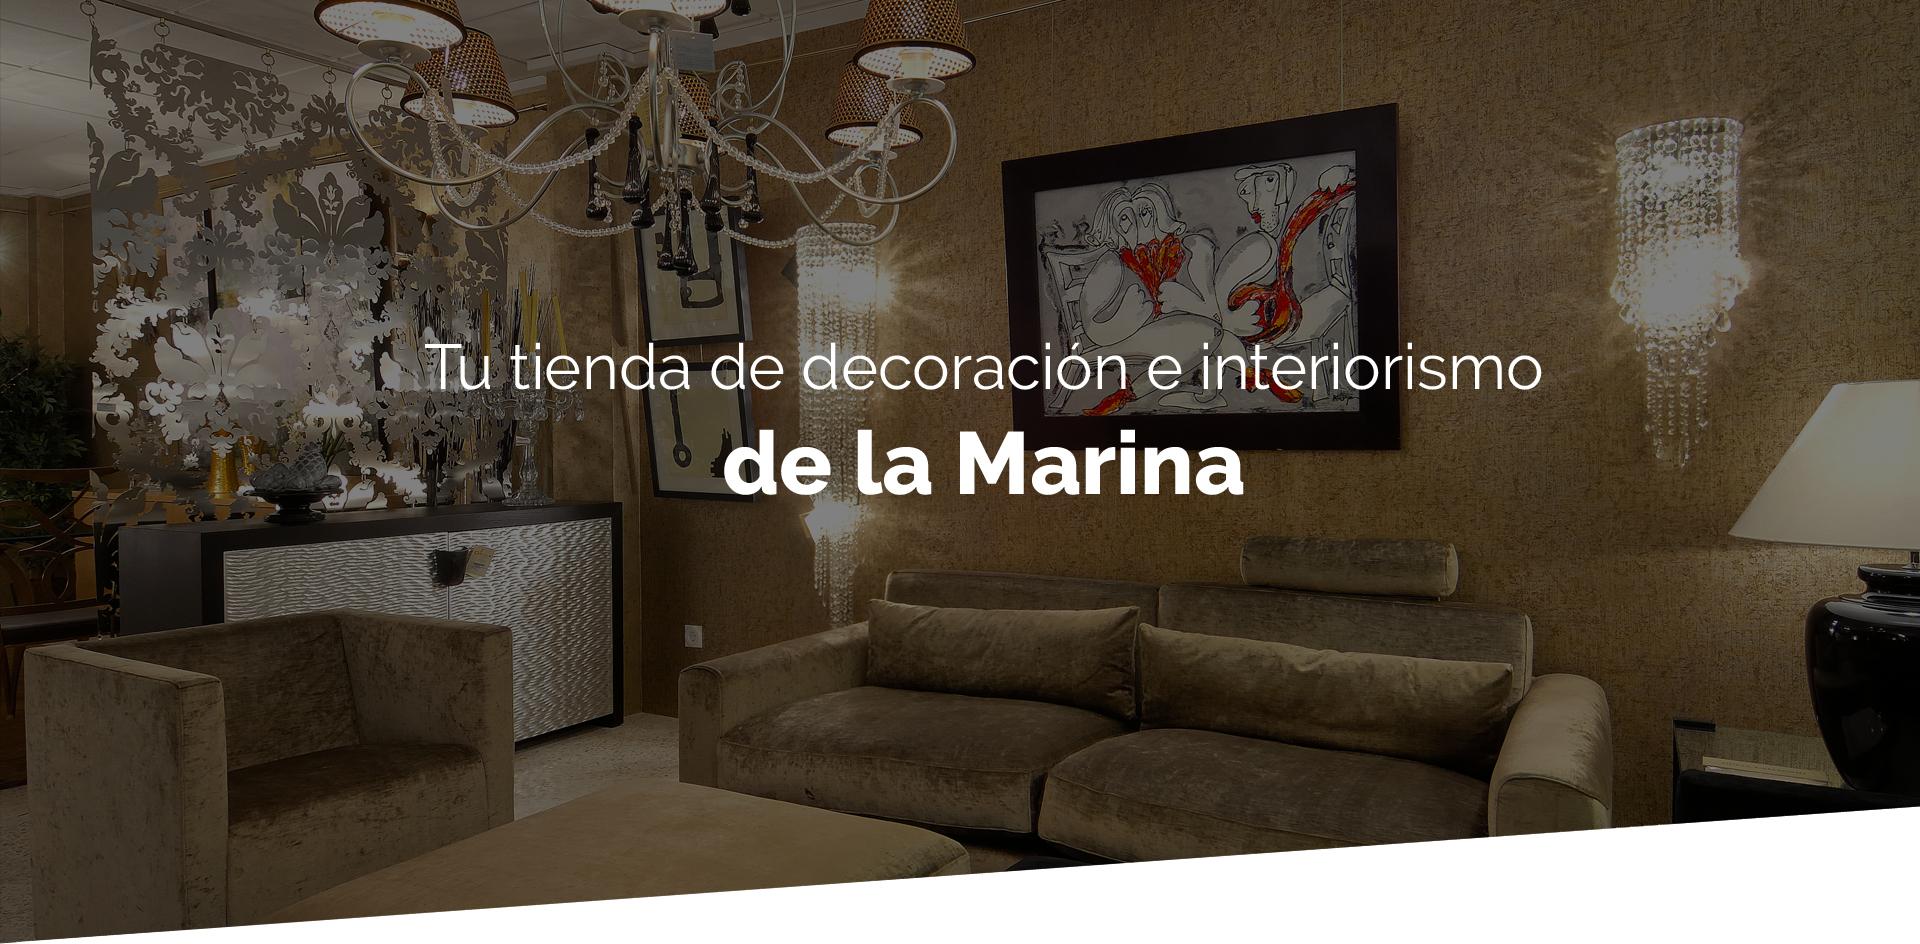 Tu tienda de decoración e interiorismo de la Marina.